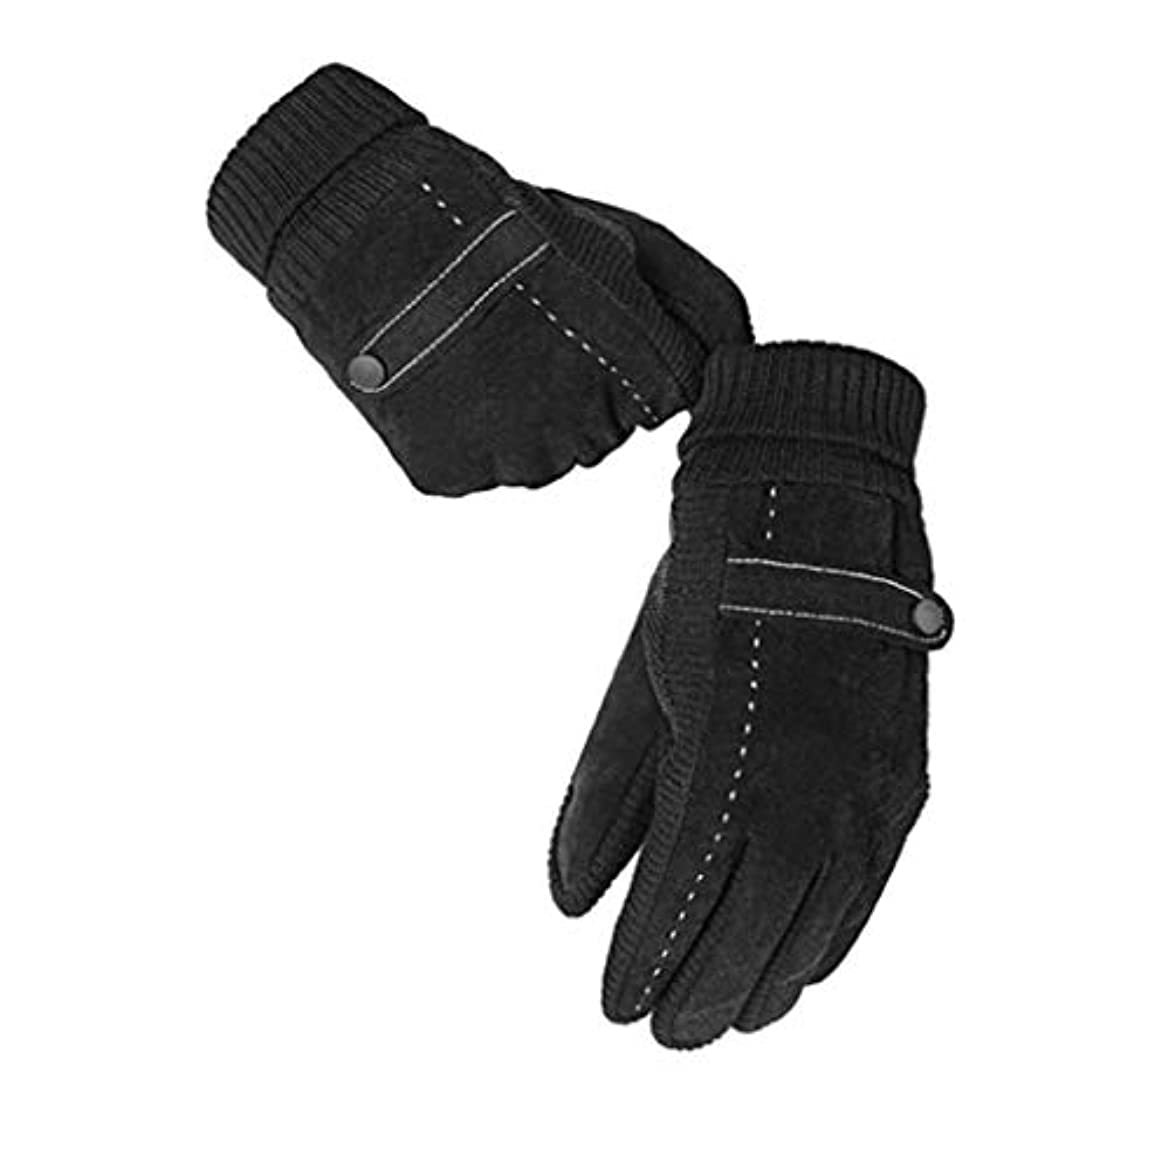 ジョージスティーブンソン請求可能休憩手袋の男性の暖かいとベルベットの冬のタッチスクリーン革手袋のオートバイのファッション冷たい手袋